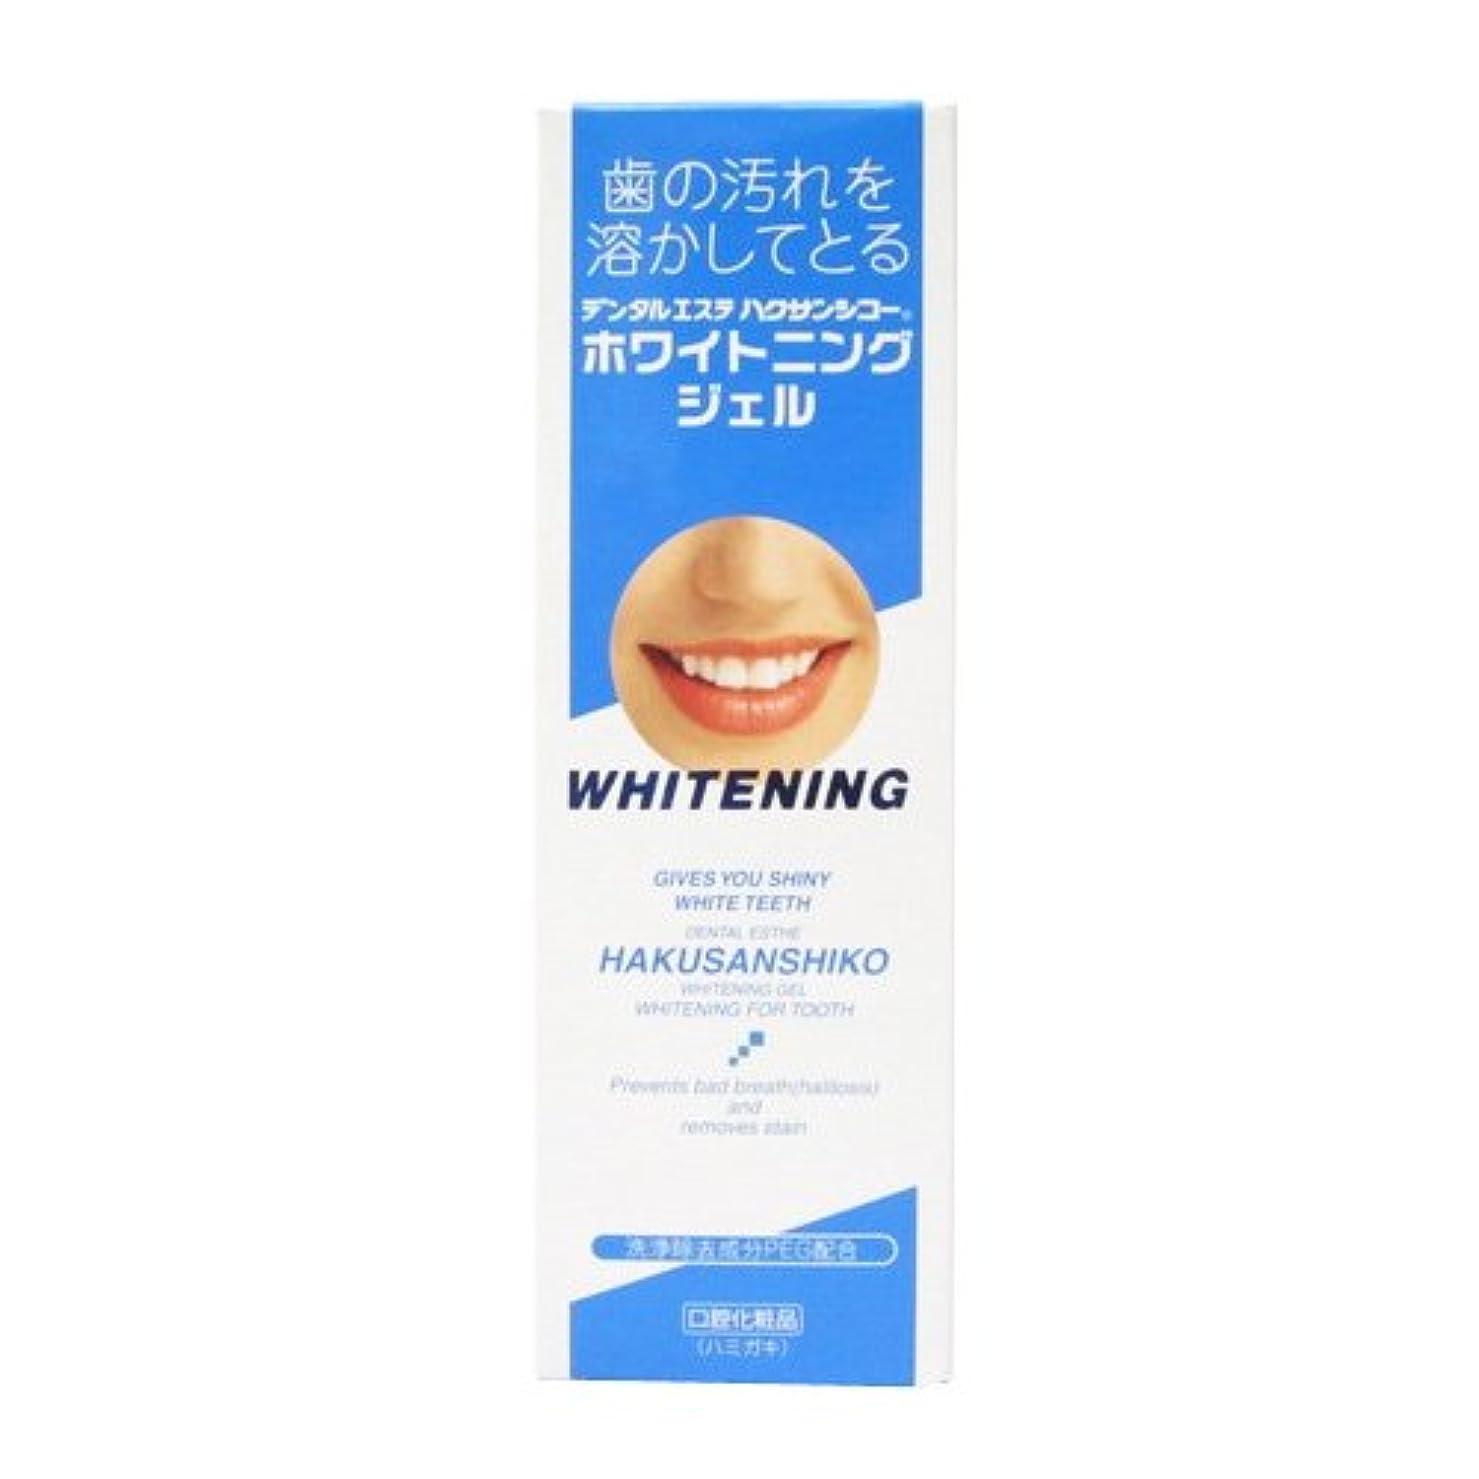 ウールスカイ消す中薬 ハクサンシコー ホワイトニングジェル70g